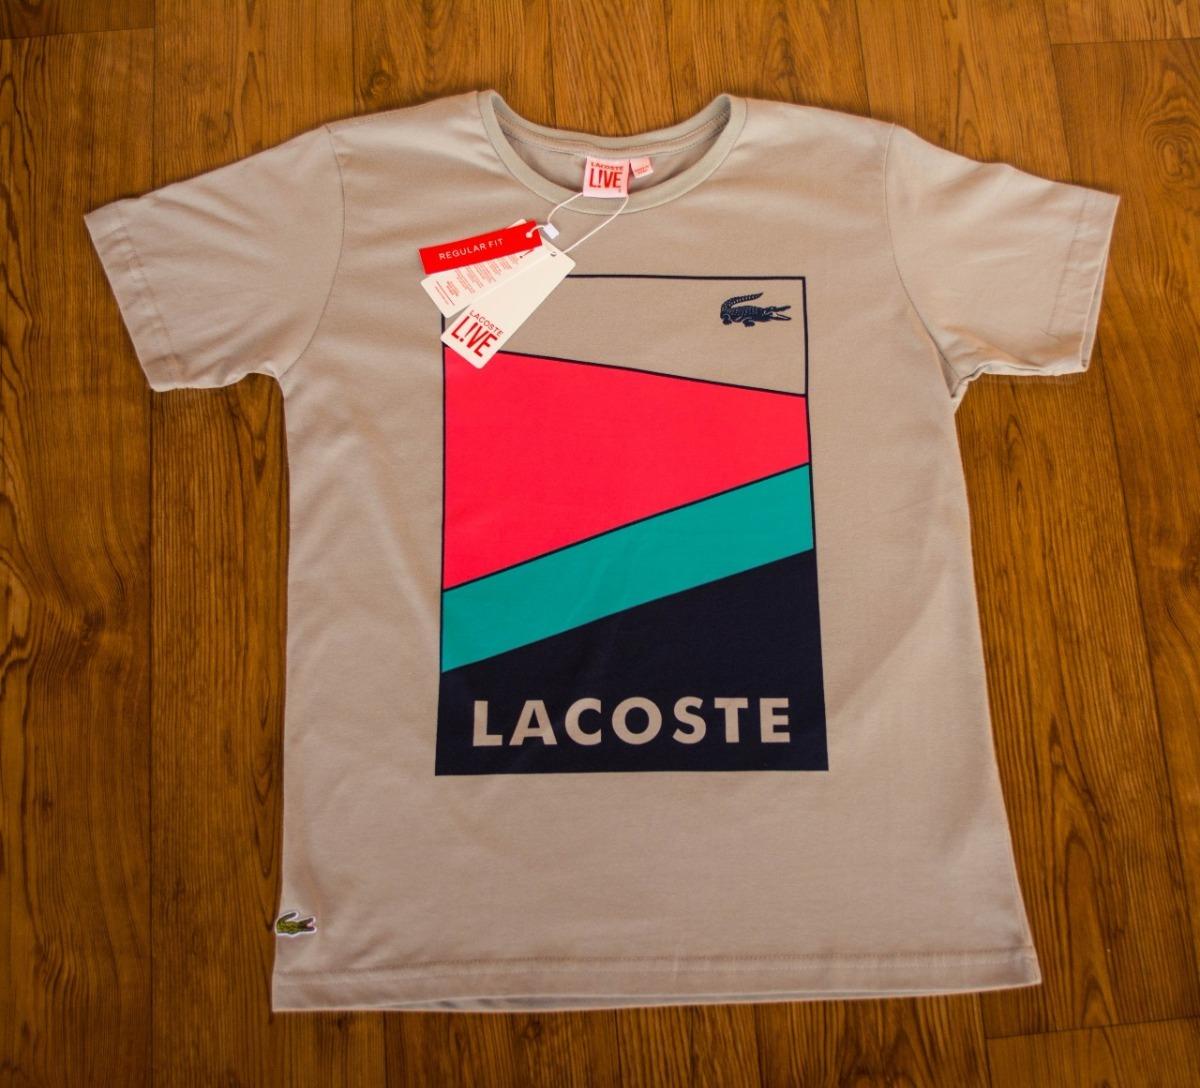 Lacoste Live Peruanas 4 Tshirts Estampadas - R  144,00 em Mercado Livre fba76407c7